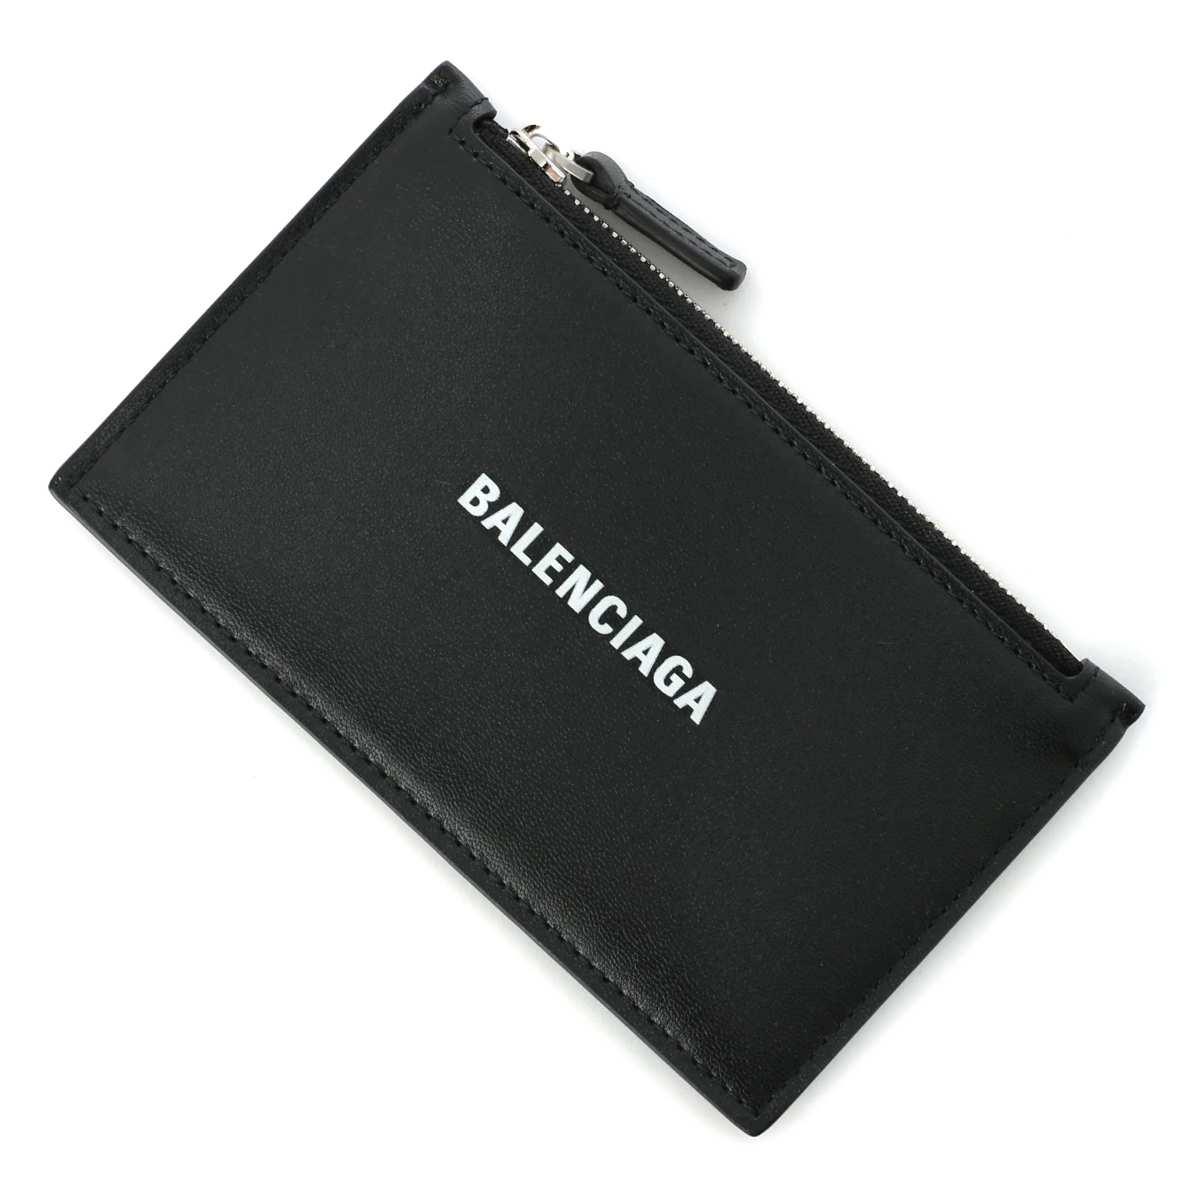 バレンシアガ BALENCIAGA コインケース ブラック メンズ 594311 1i313 1090【あす楽対応_関東】【返品送料無料】【ラッピング無料】